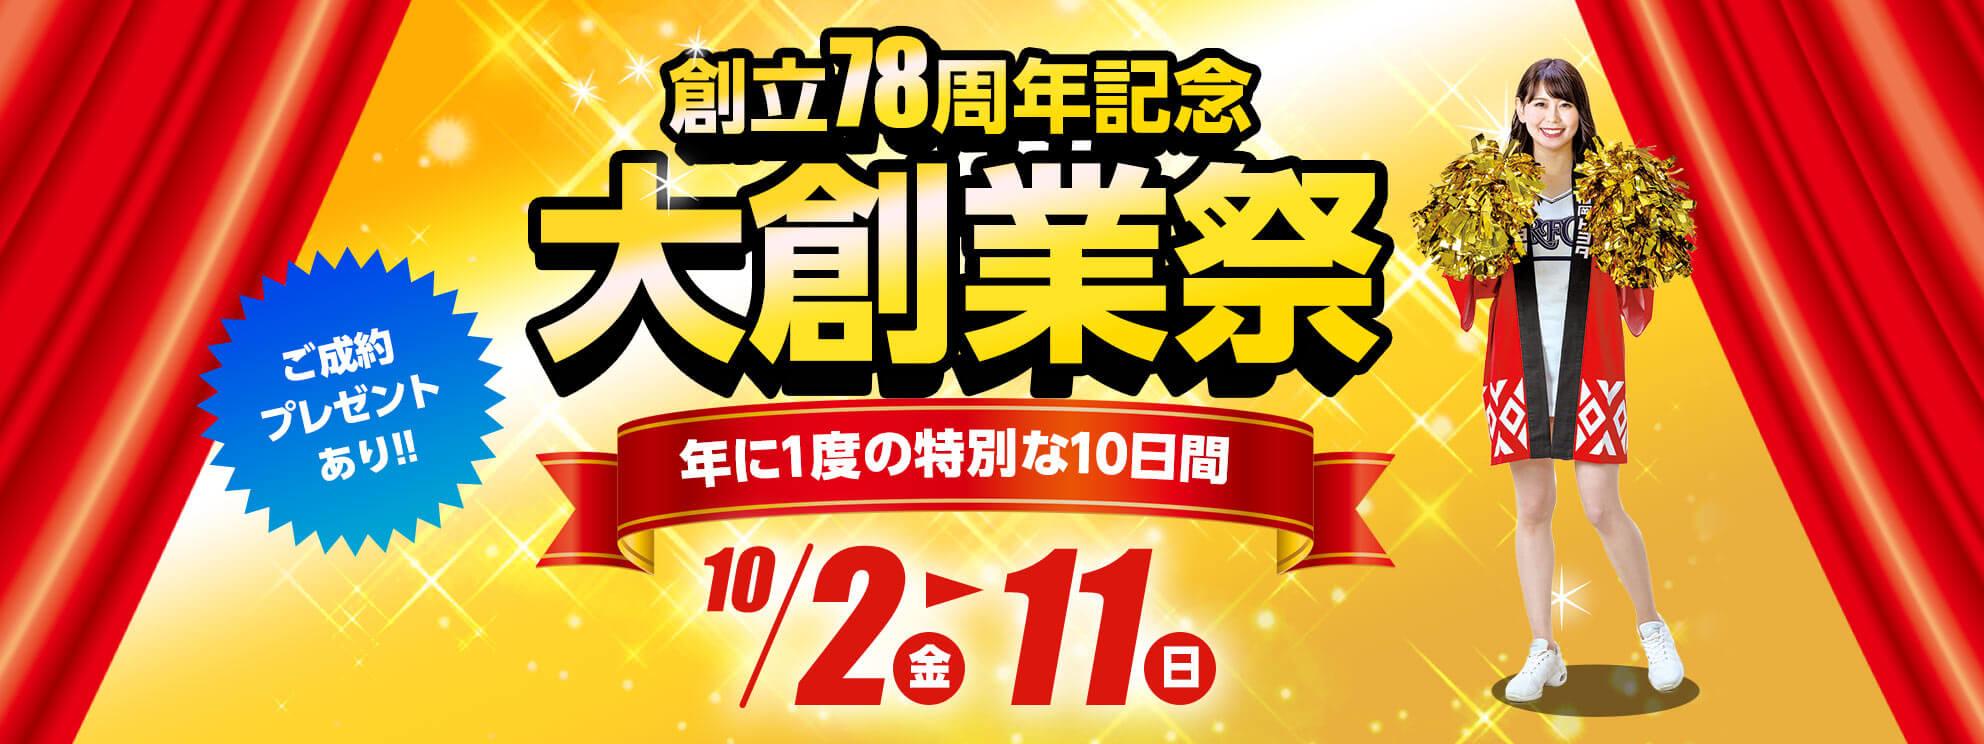 大創業祭スライダーPC